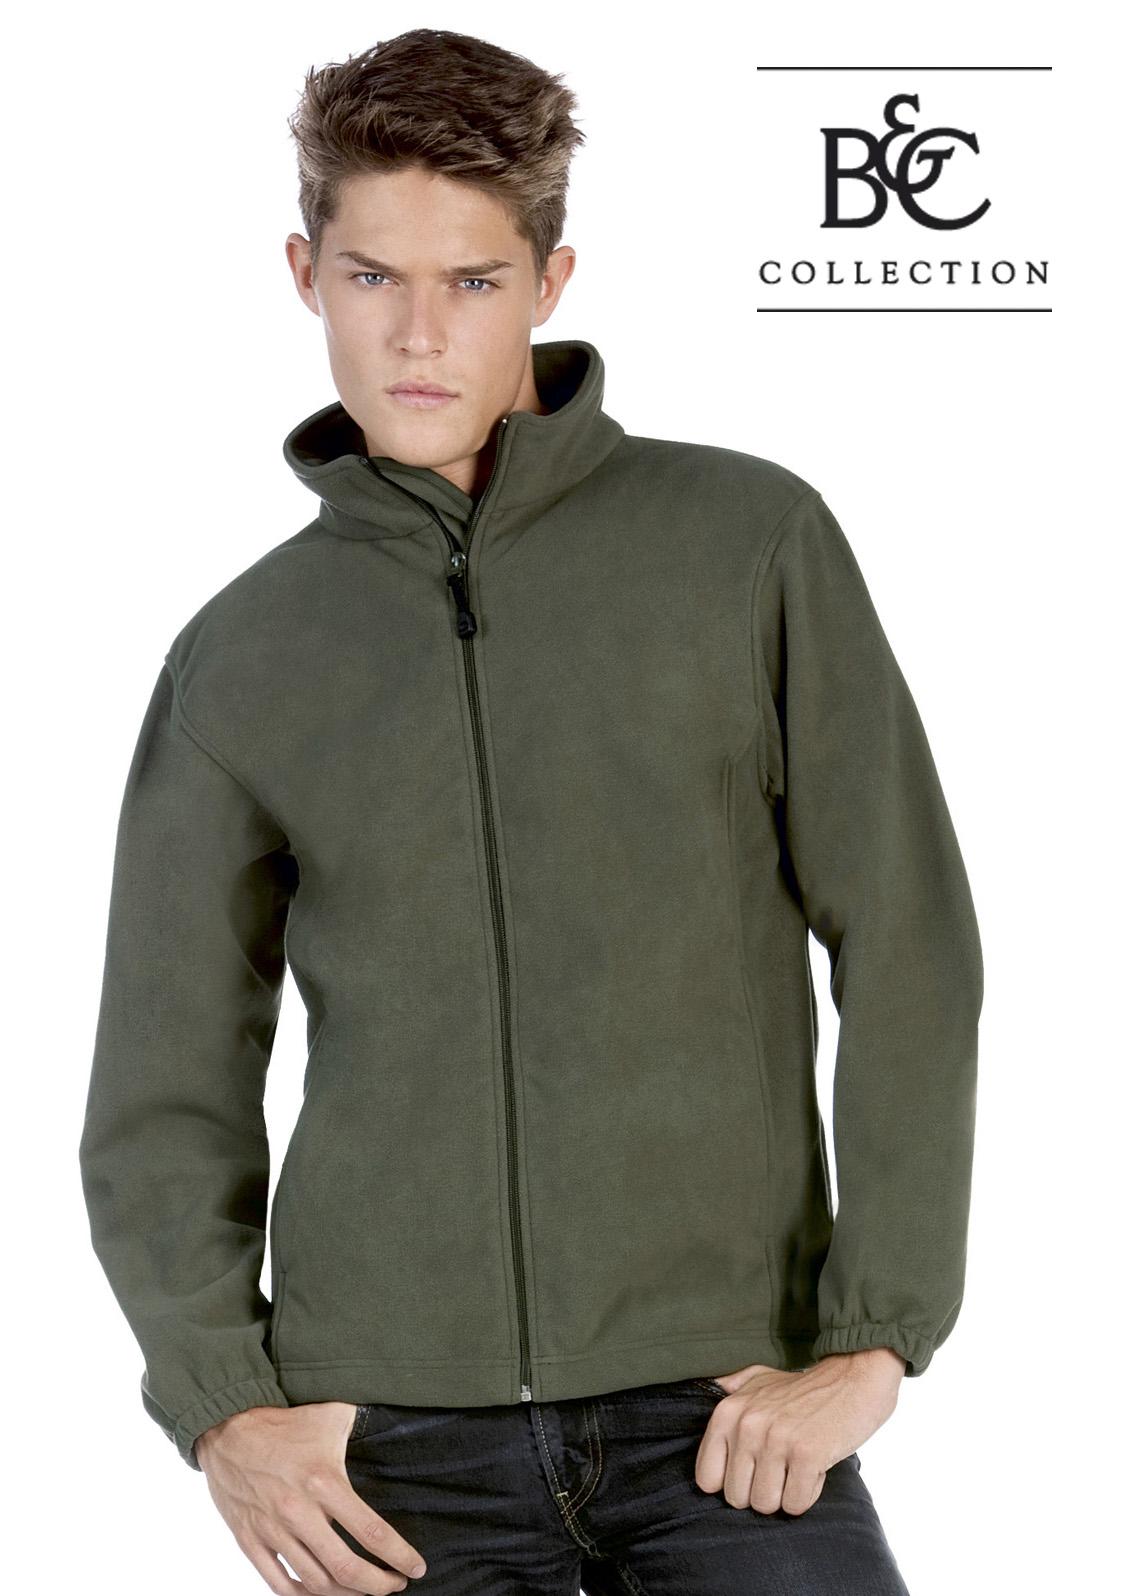 Windprotect fleece jacket